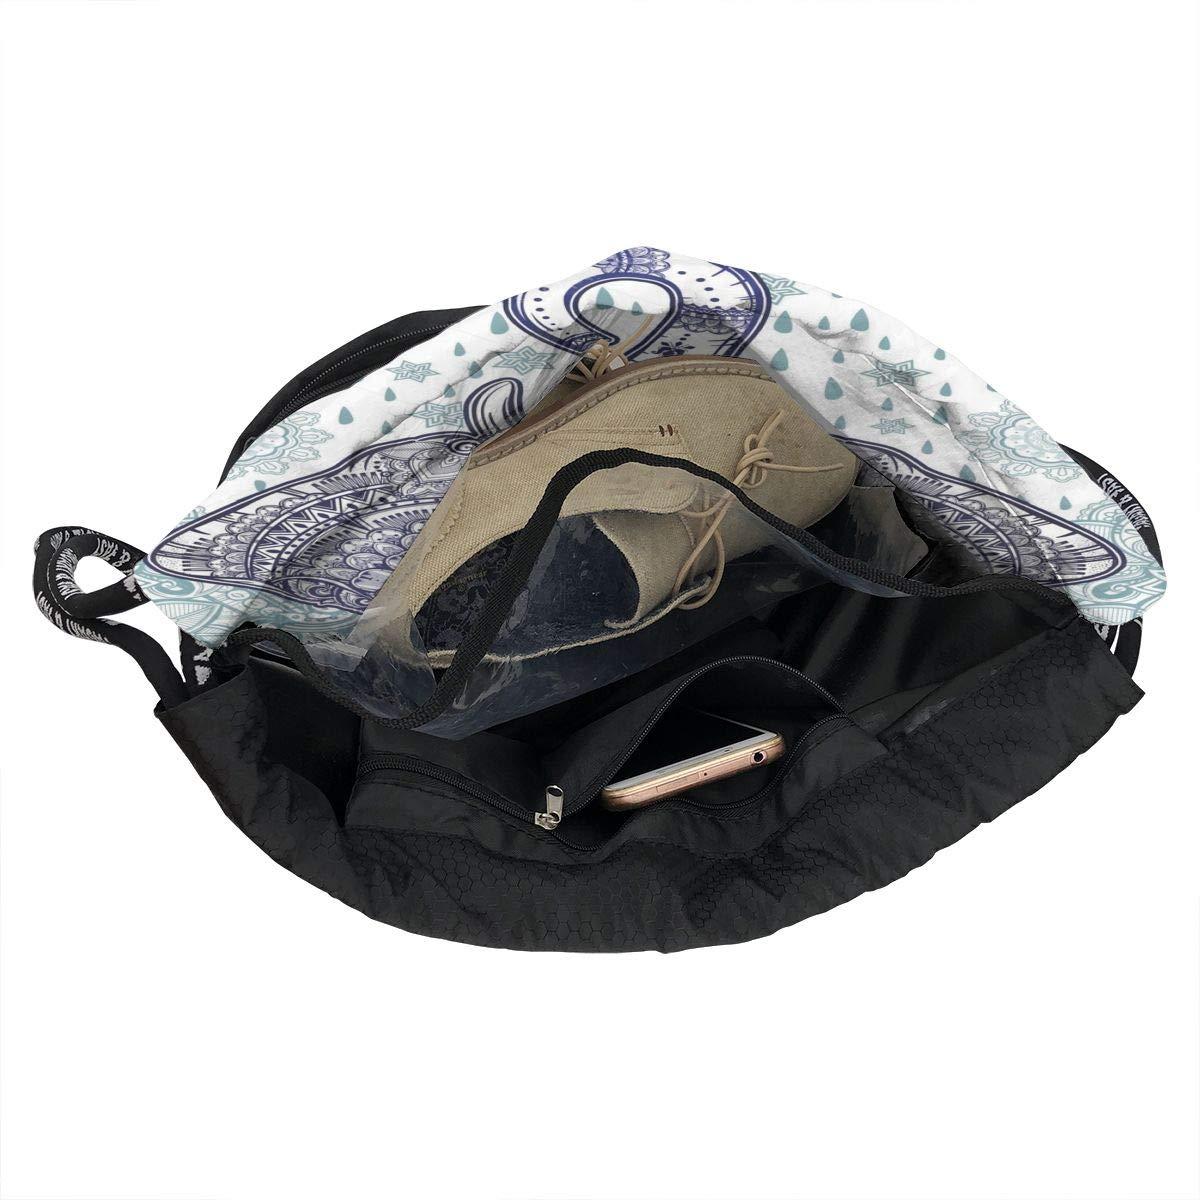 HUOPR5Q Heart Wolf Boho Ethnic Elephant Drawstring Backpack Sport Gym Sack Shoulder Bulk Bag Dance Bag for School Travel